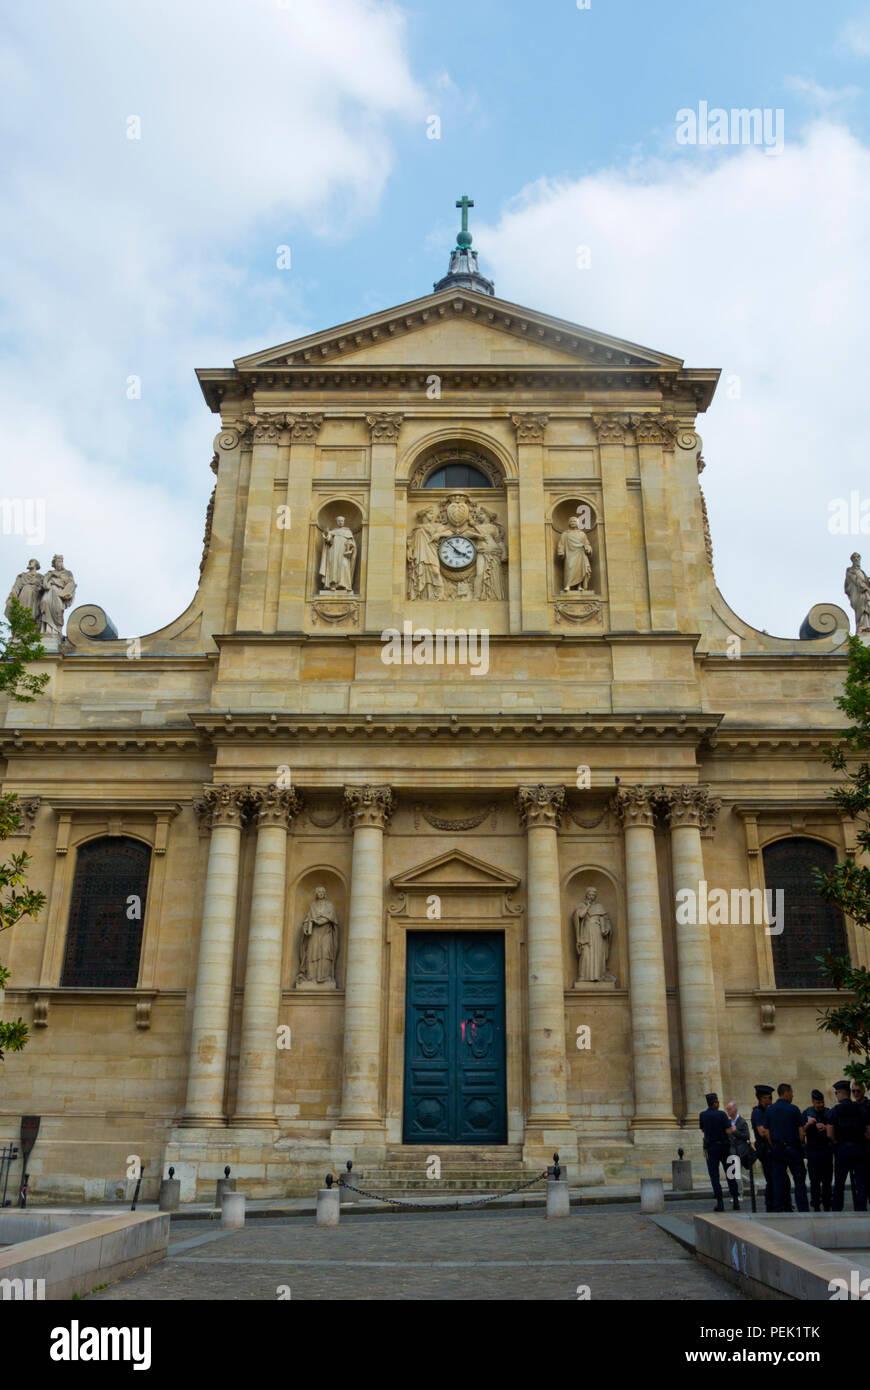 Chapelle de la Sorbonne, Place de la Sorbonne, Sorbonne district, Paris, France - Stock Image